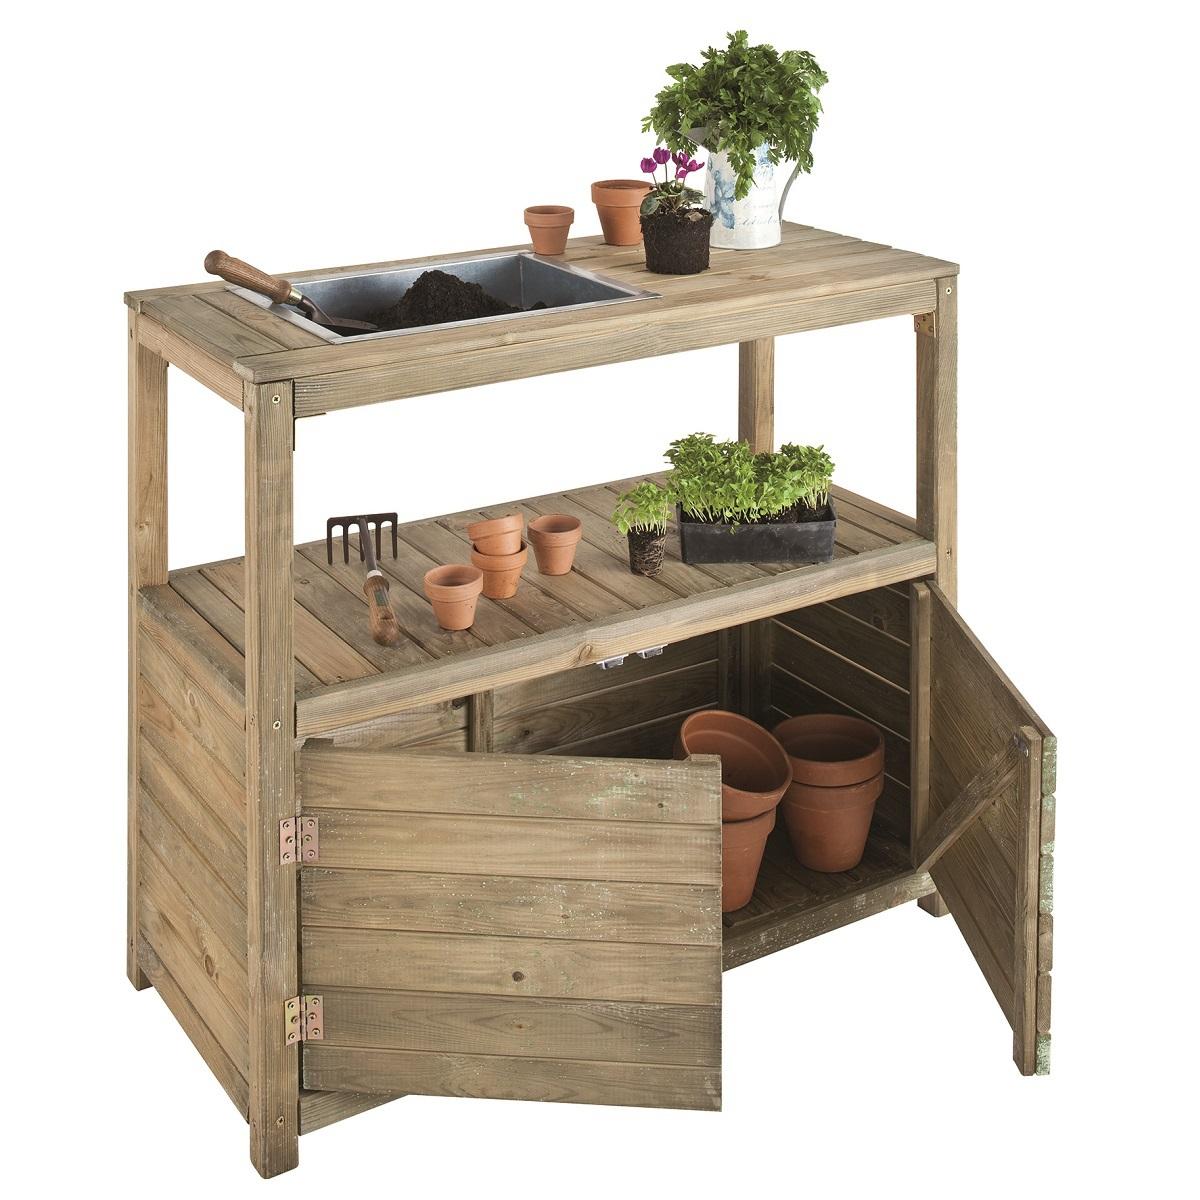 Table de préparation pour jardinage Jardipolys - 2 portes + 1 étagère, 100x45x90 cm